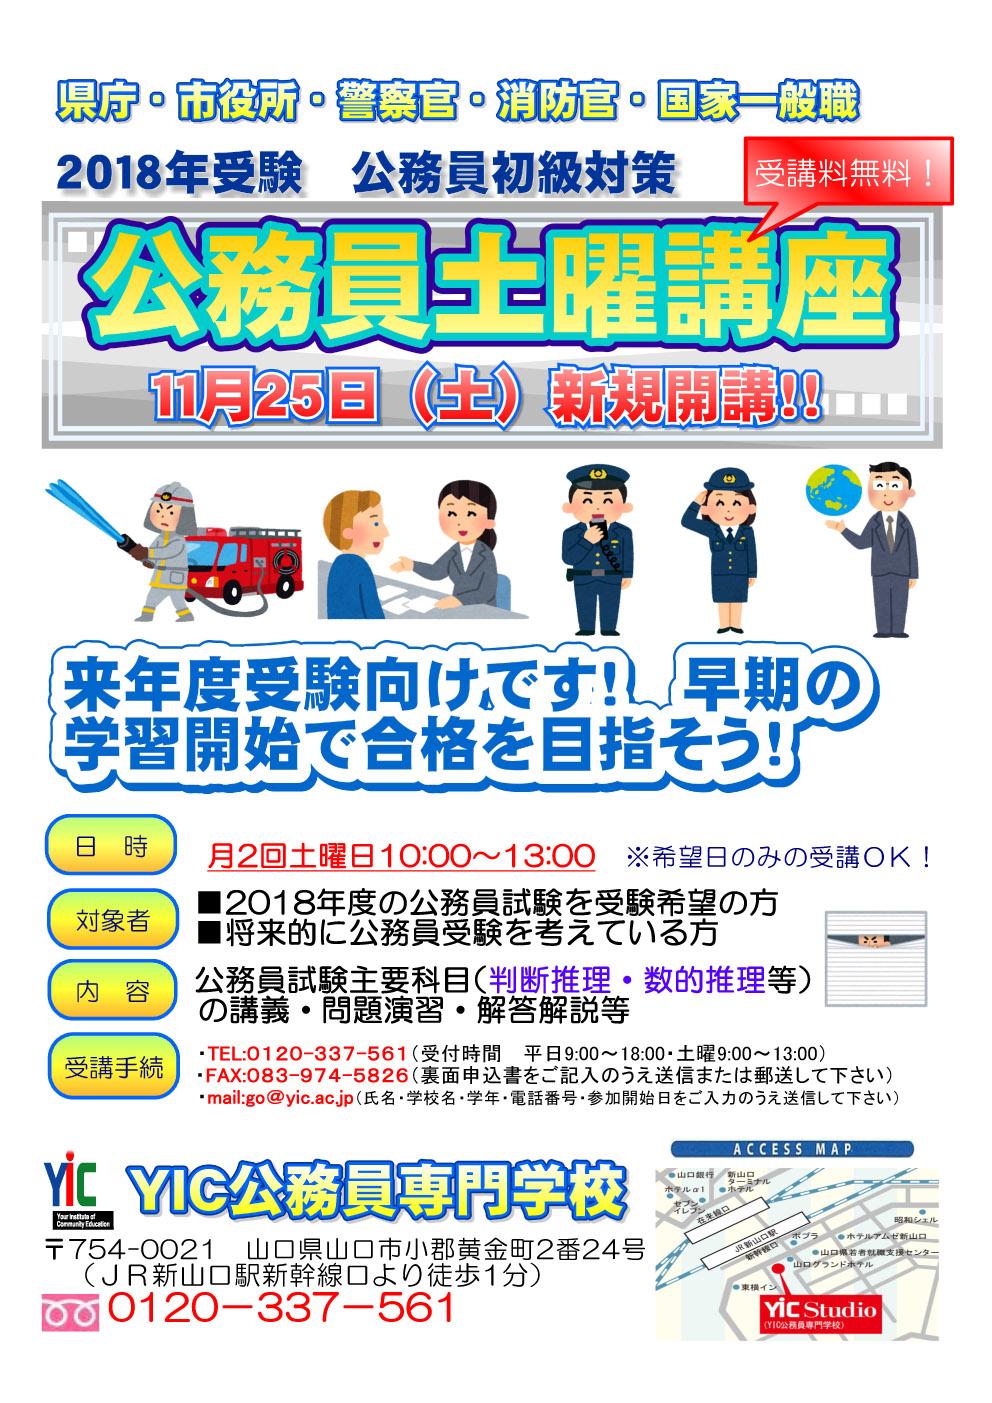 【2018年度受験】土曜講座のお知らせ(2017.11月~2018.3月)